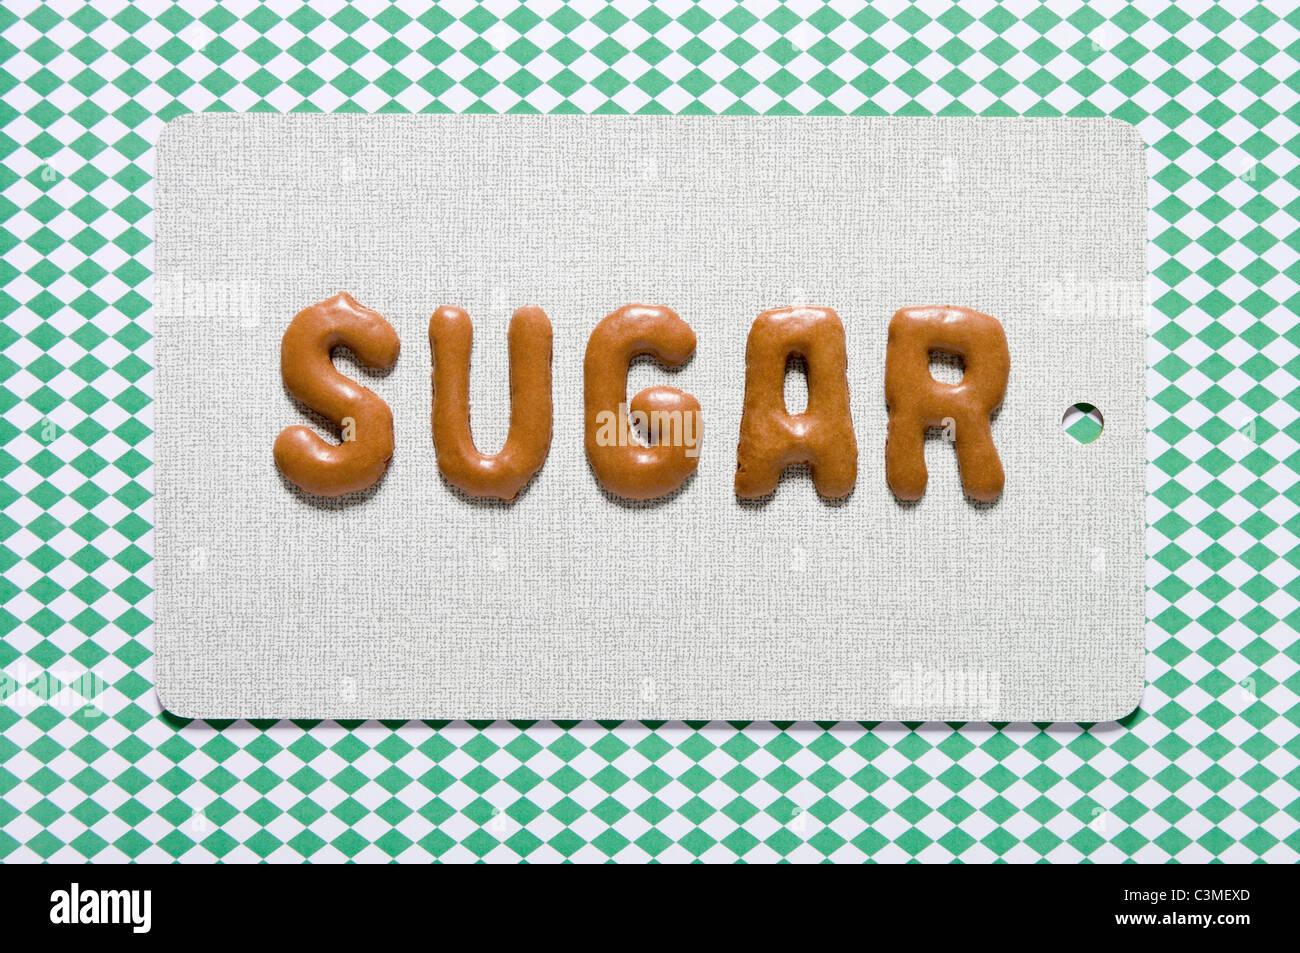 Zucchero di parola scritta con il pane russo sul piatto, close up Immagini Stock